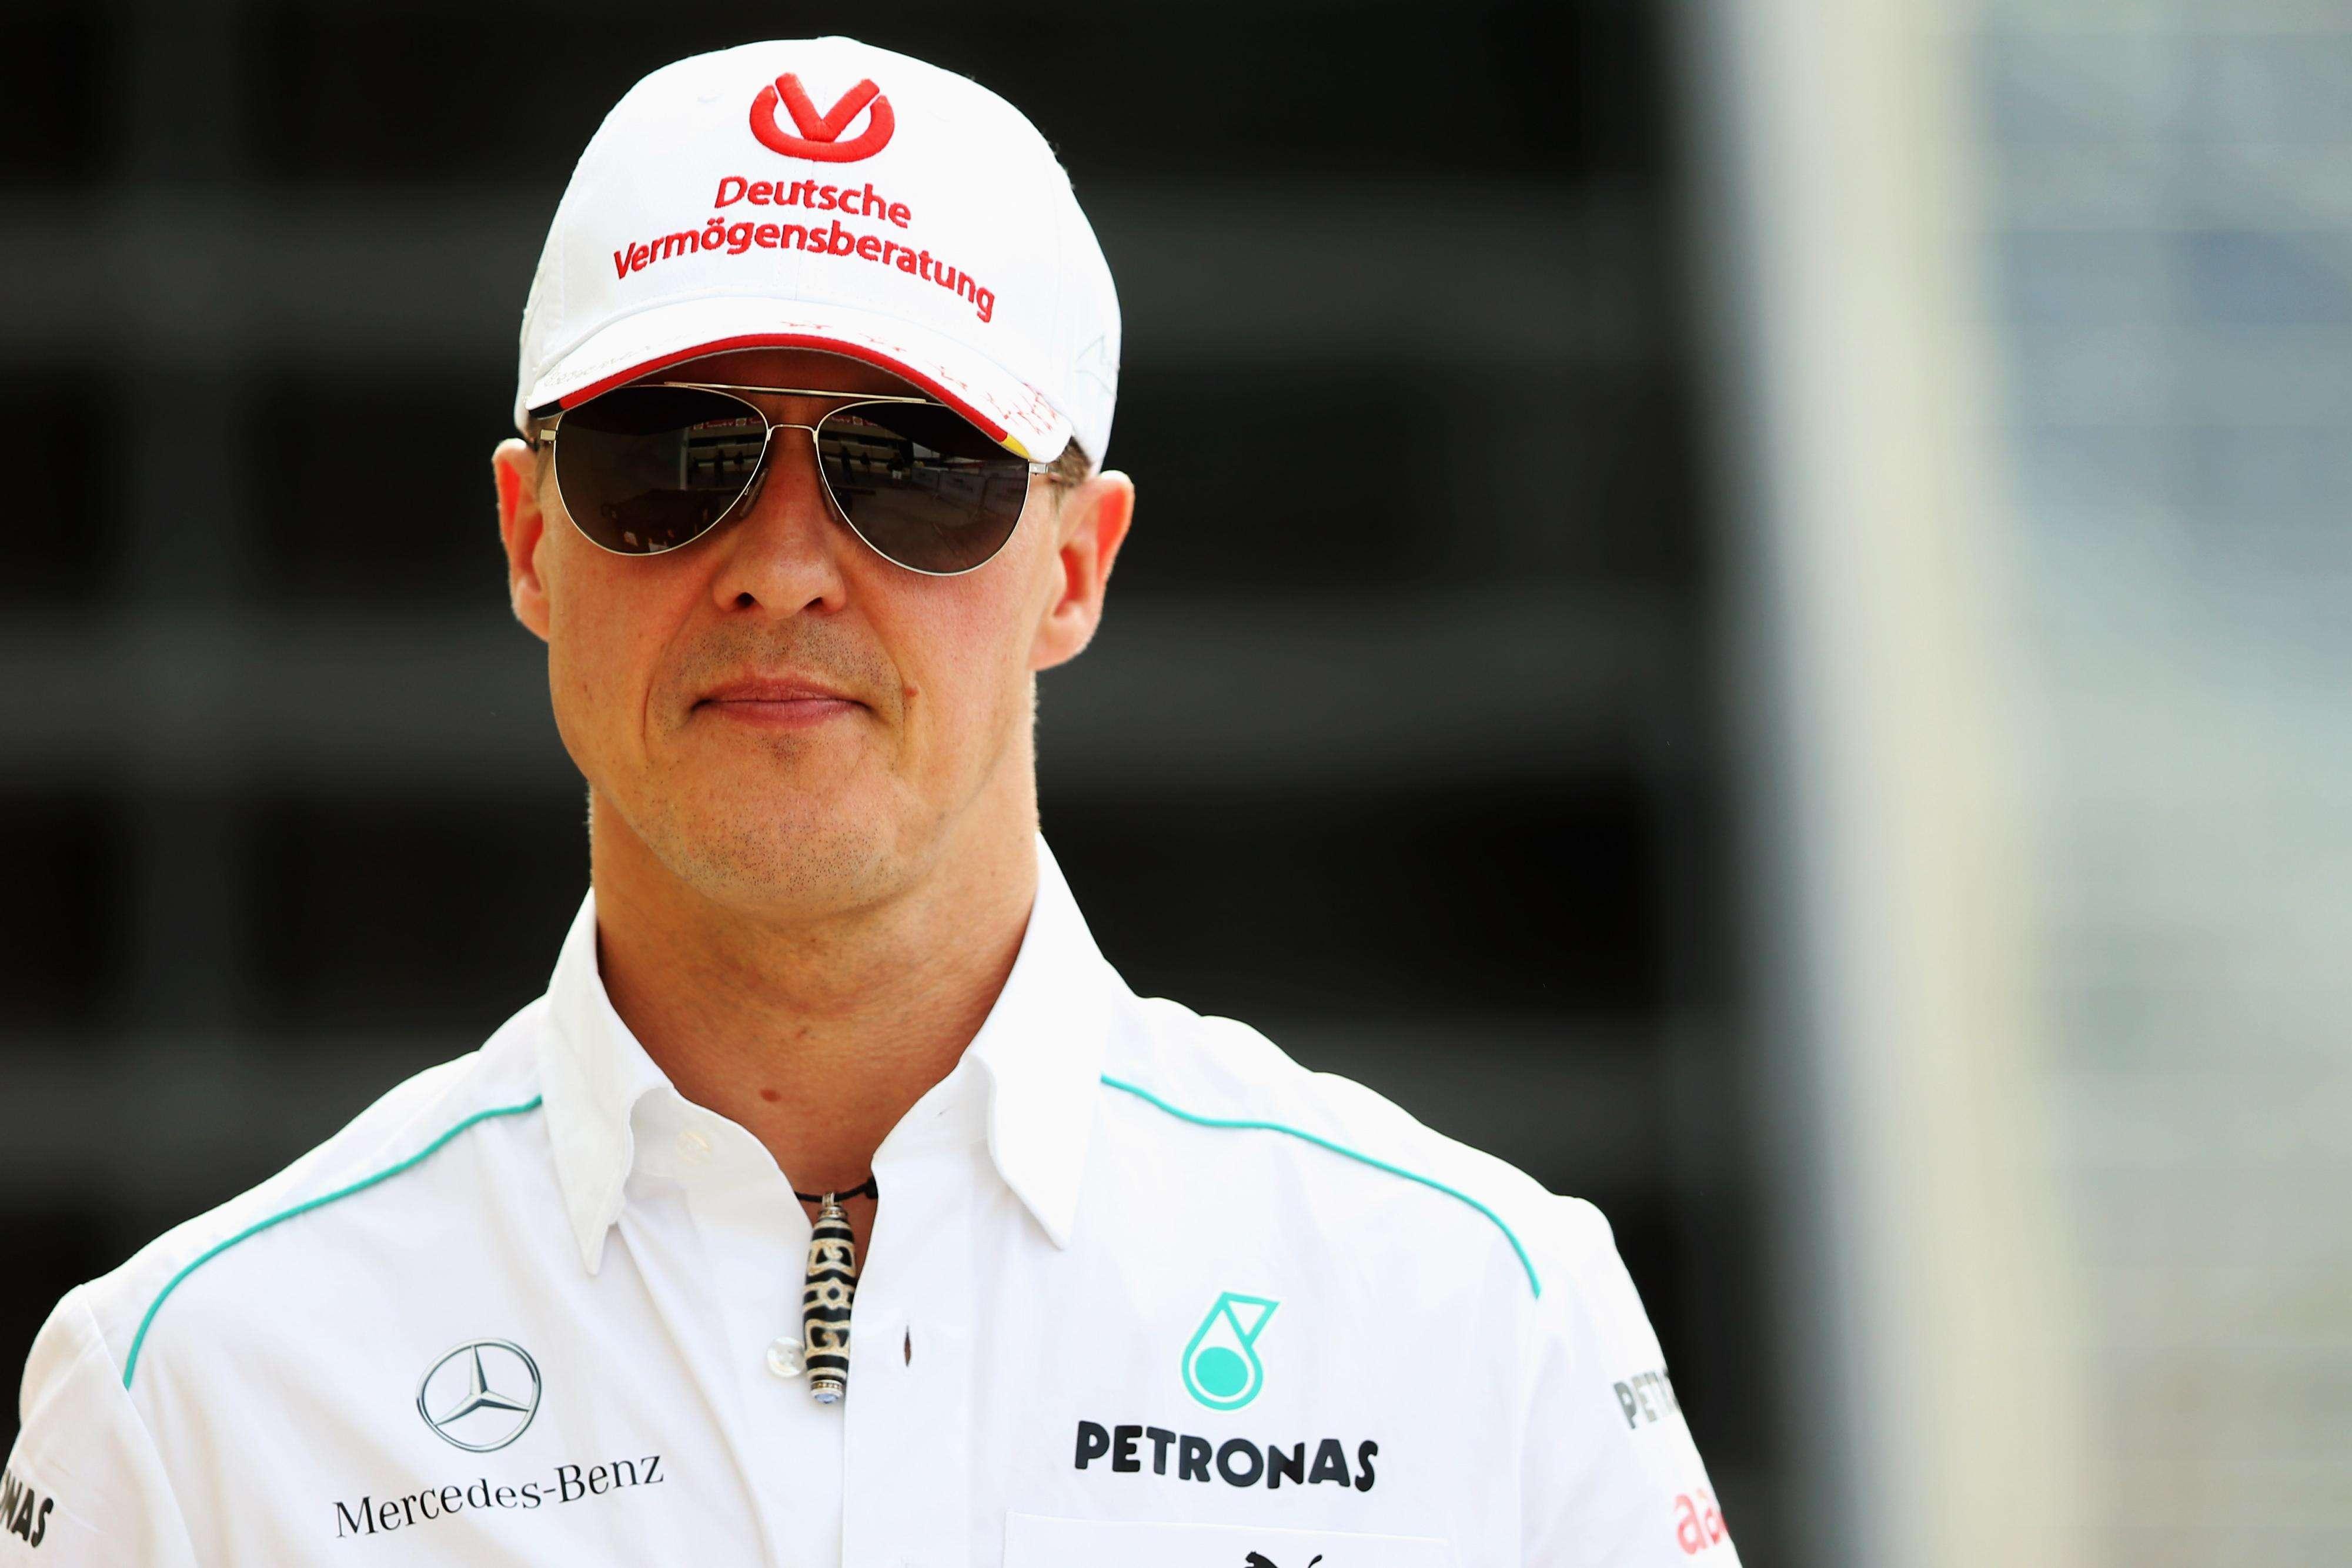 El alemán Michael Schumacher sufrió un accidente en ski que casi le cuesta la vida Foto: Gettyimages